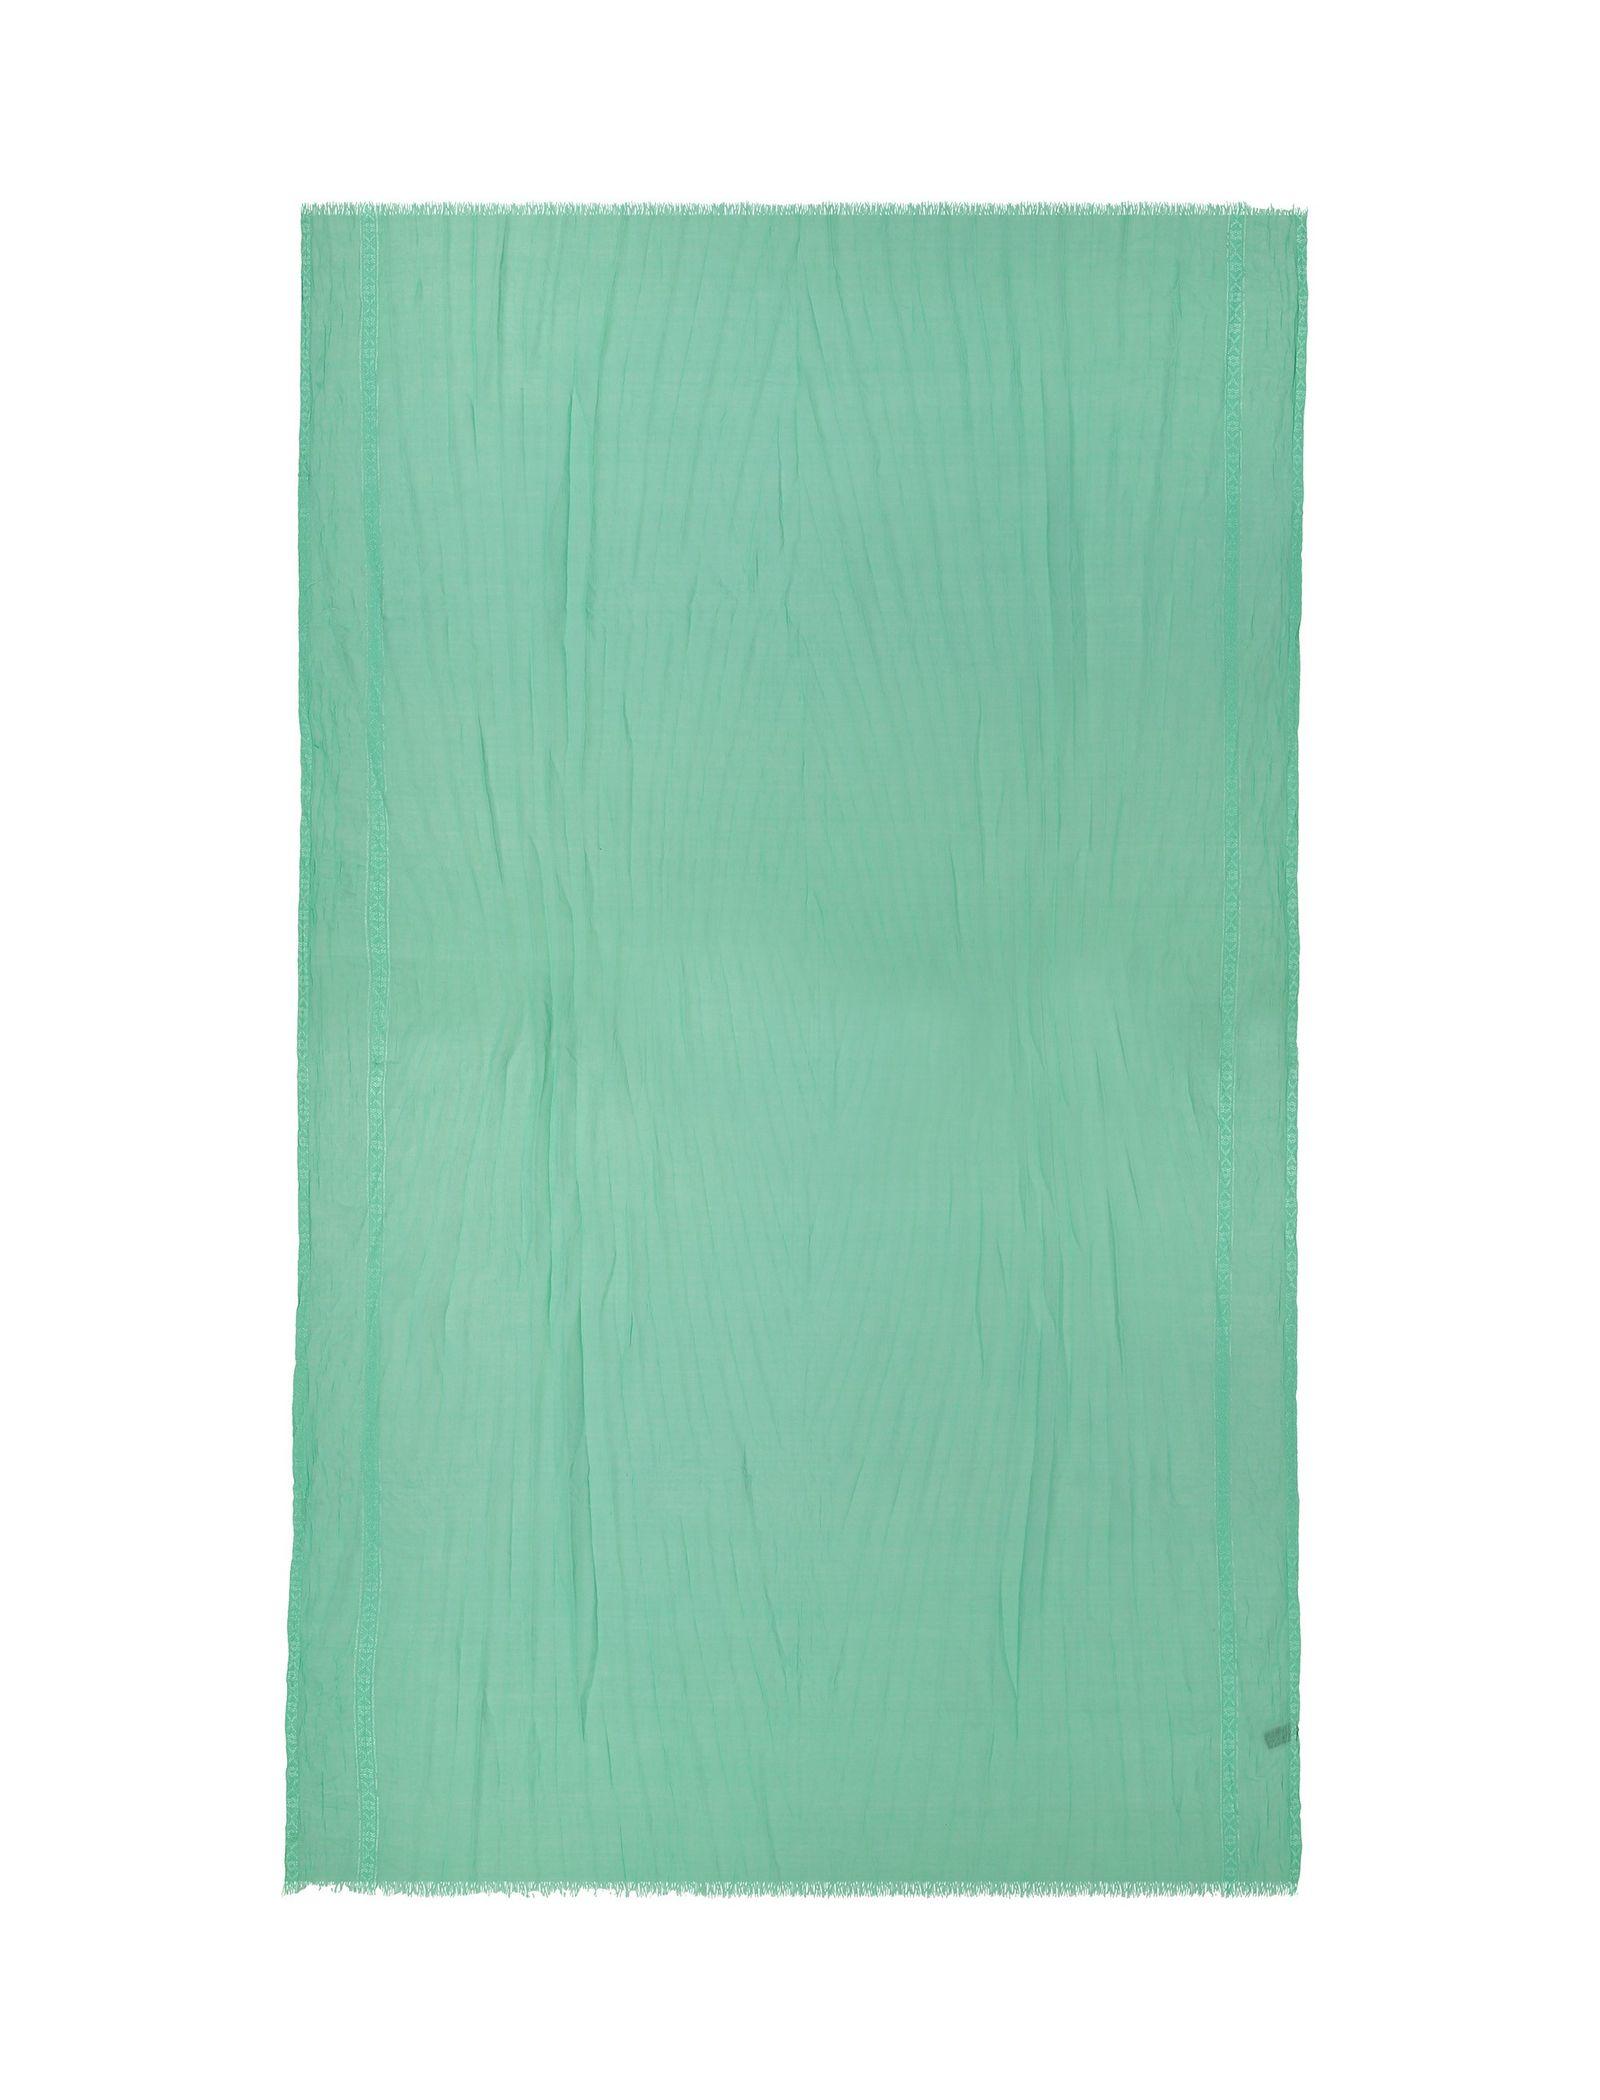 شال ساده زنانه - دونابل - سبز  - 1